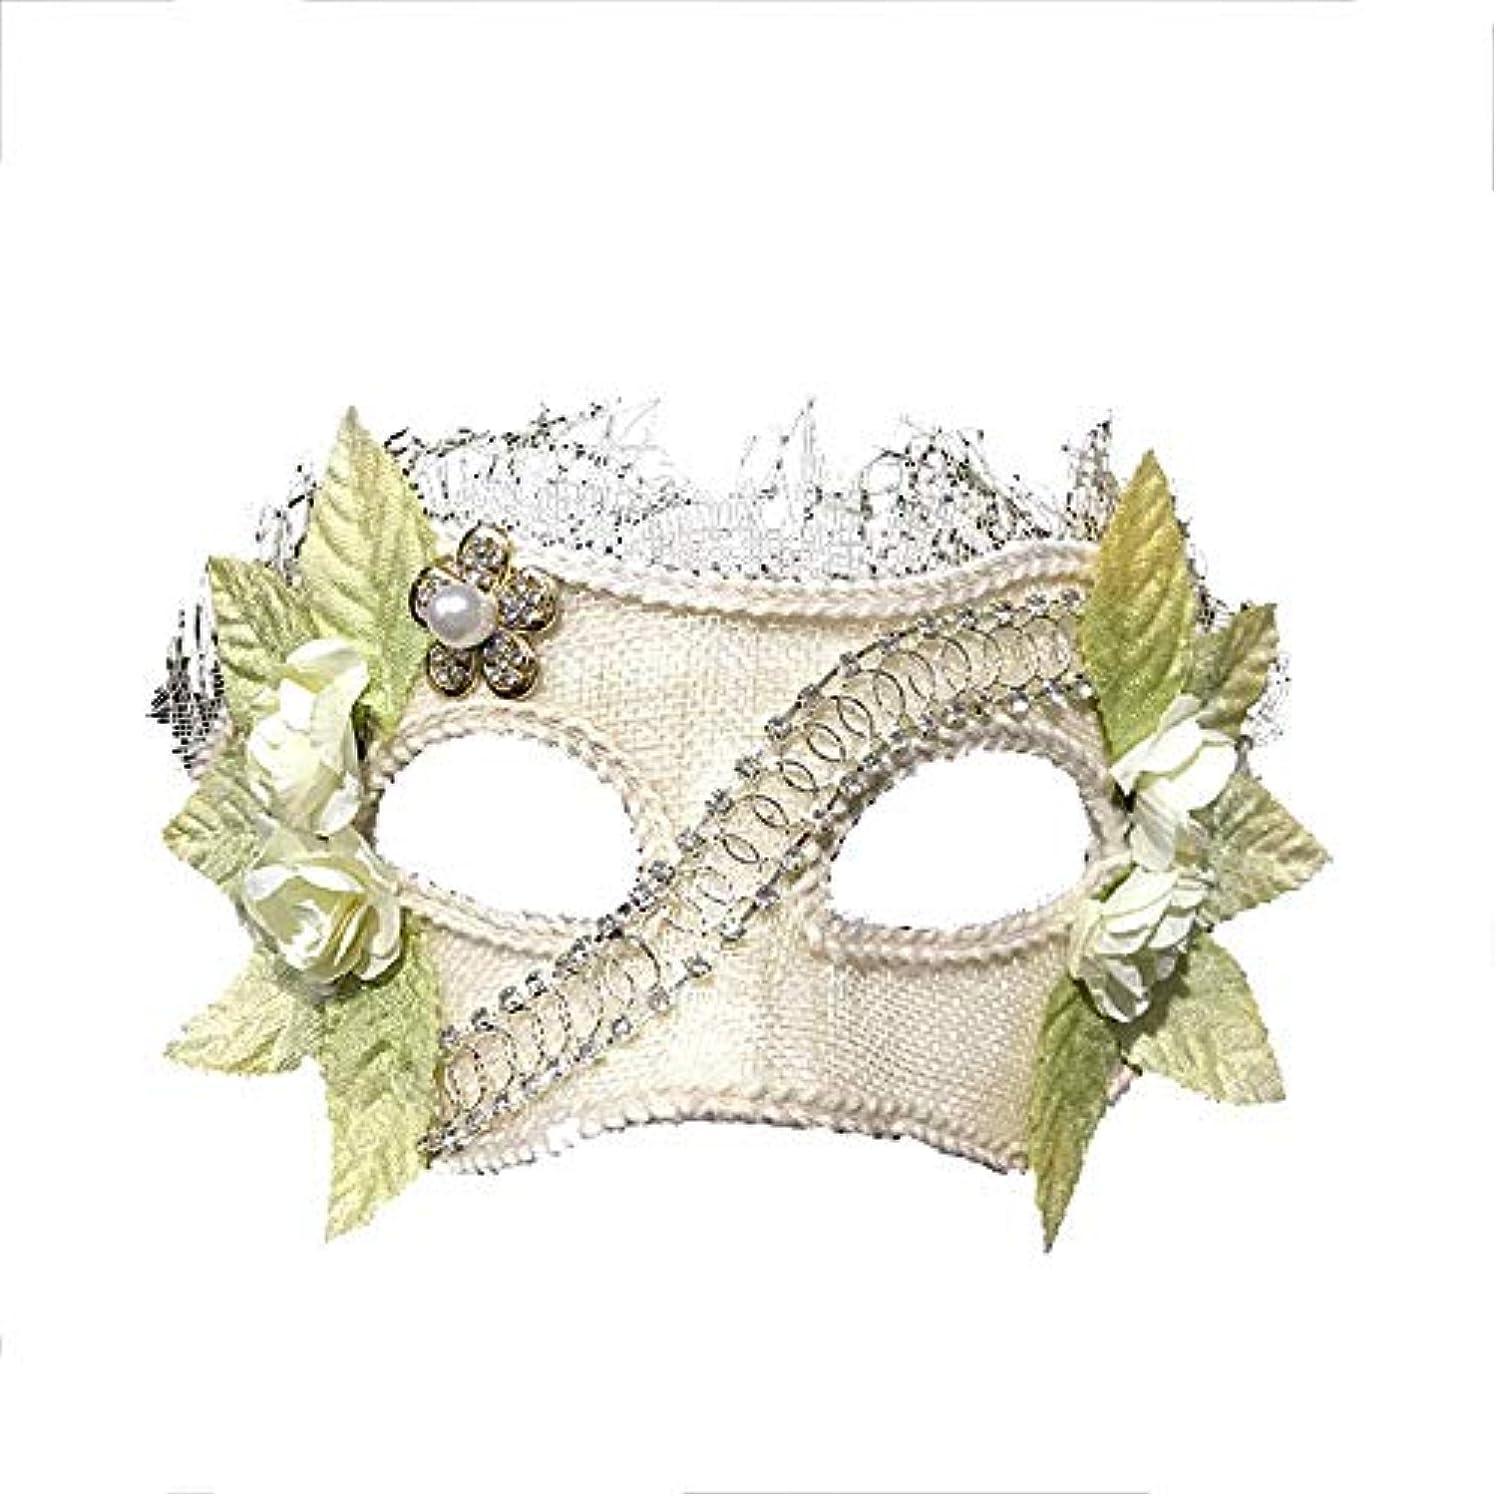 報復する声を出してNanle ハロウィンクリスマスフラワーフェザービーズマスク仮装マスクレディミスプリンセス美容祭パーティーデコレーションマスク (色 : Style A)